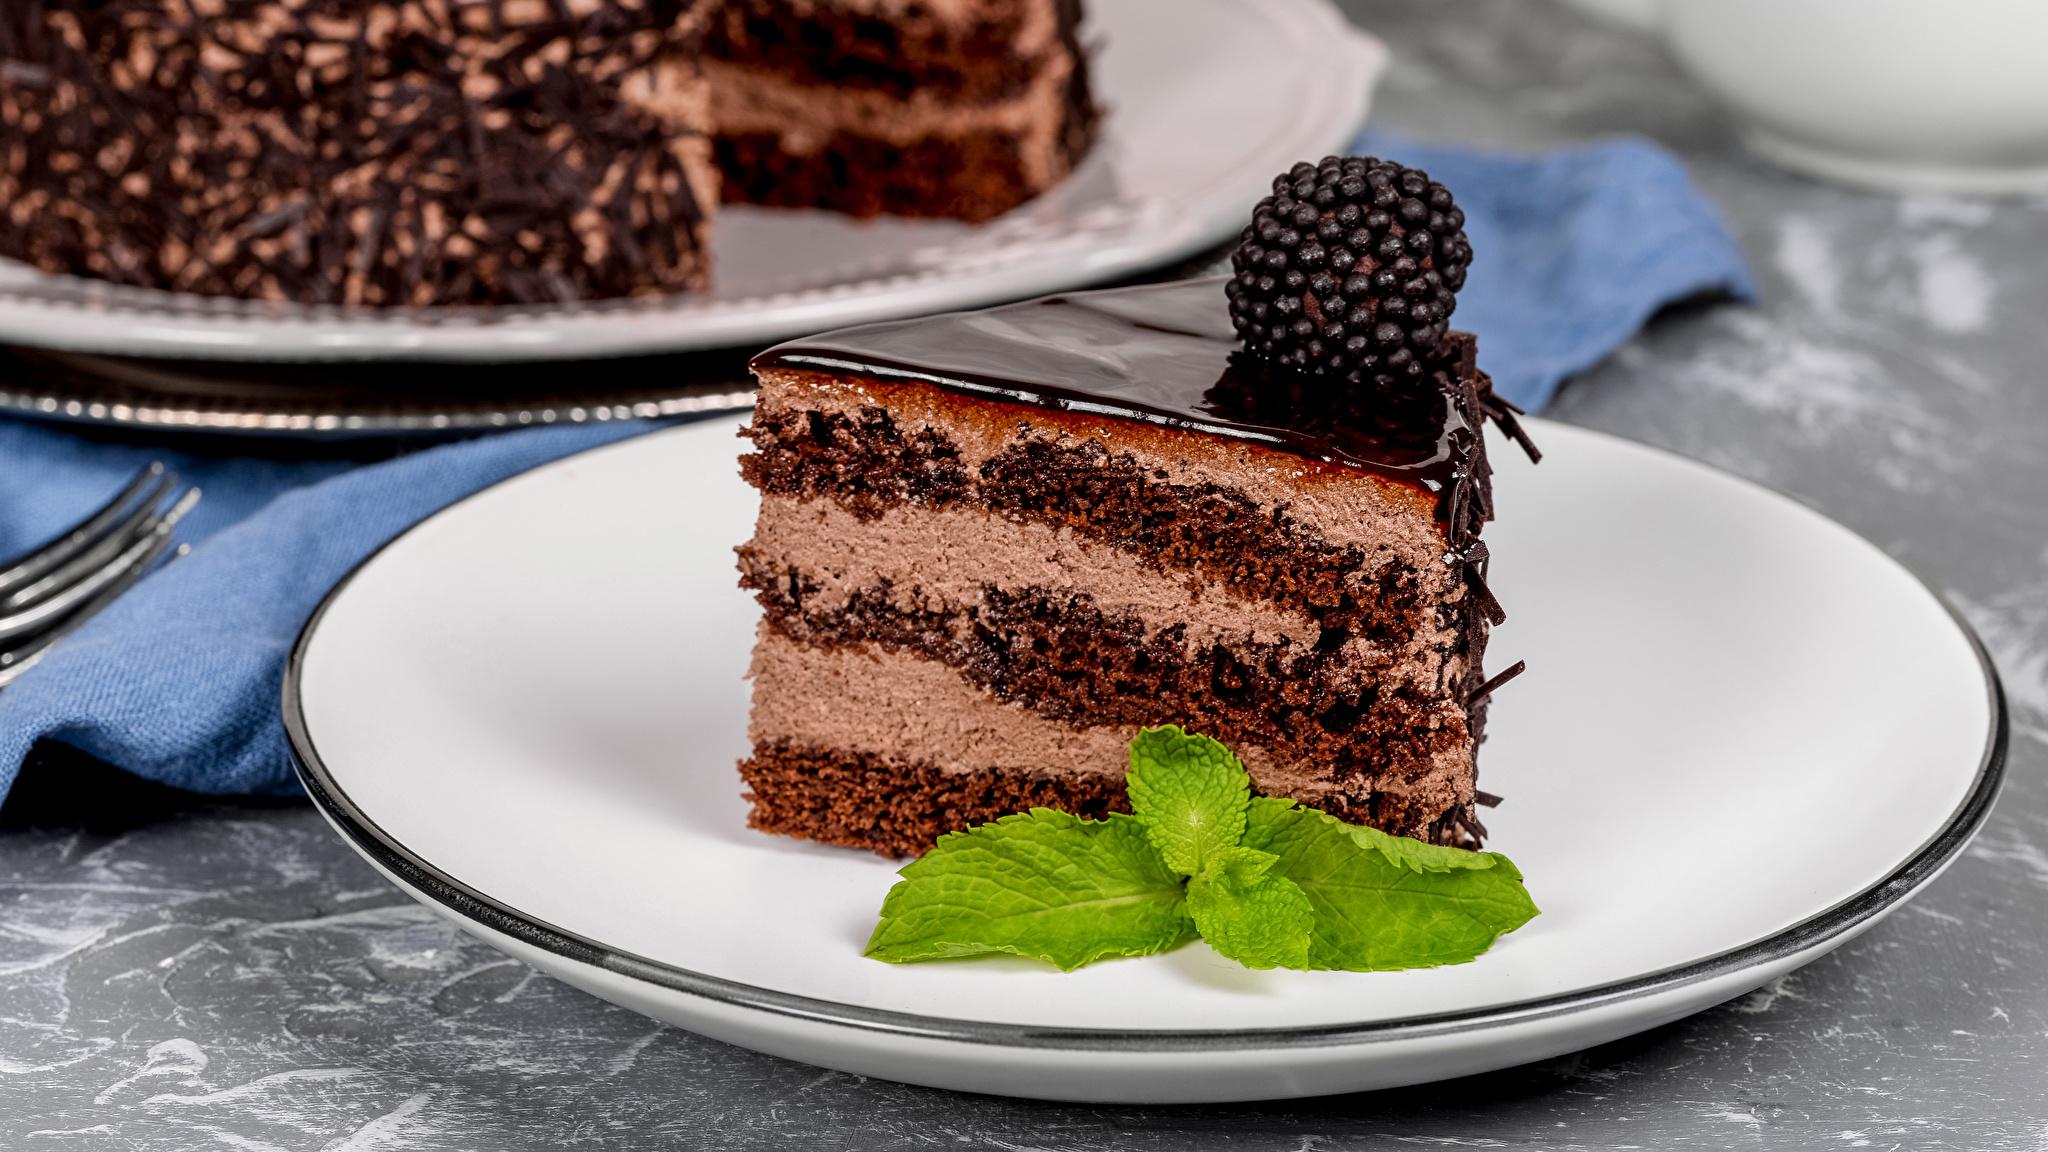 Фото Шоколад Торты часть Ежевика Еда Тарелка Пирожное 2048x1152 Кусок Пища тарелке Продукты питания